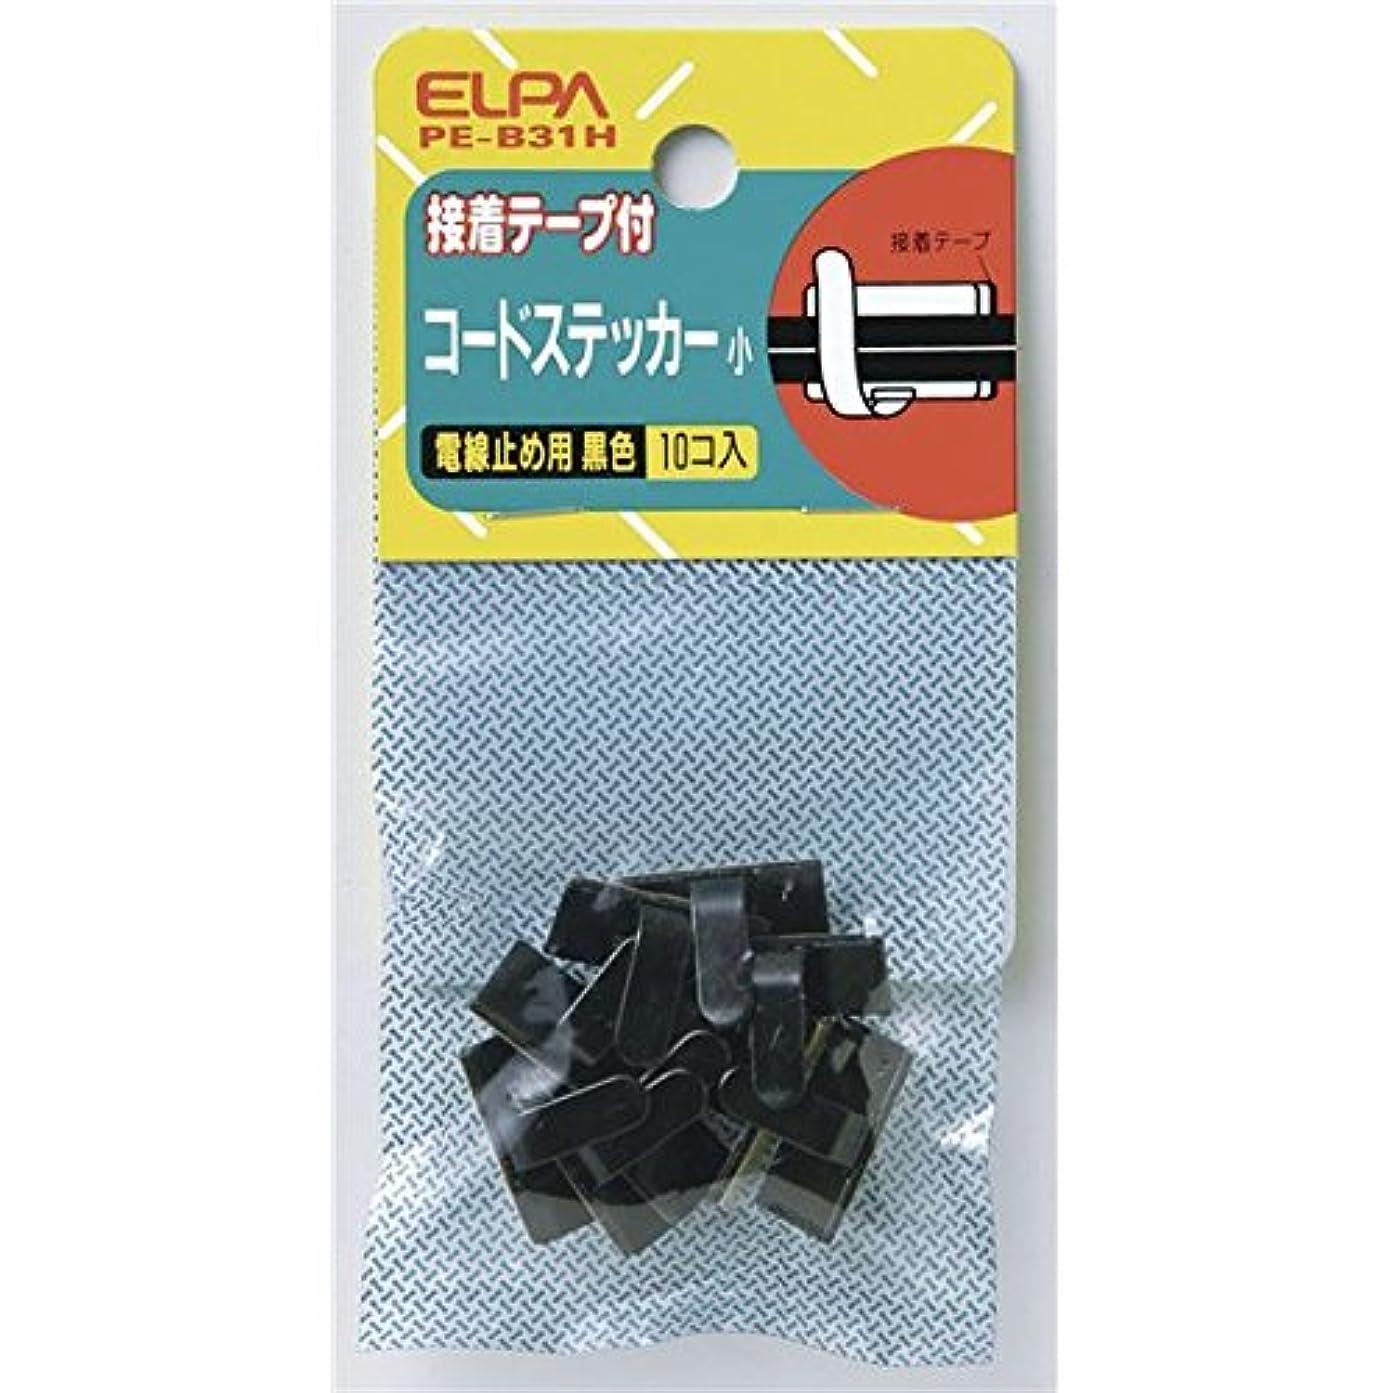 ダーリンメロドラマフォーカス朝日電器 (業務用セット) ELPA コードステッカー 黒メッキ 小 PE-B31H 10個 (×30セット)